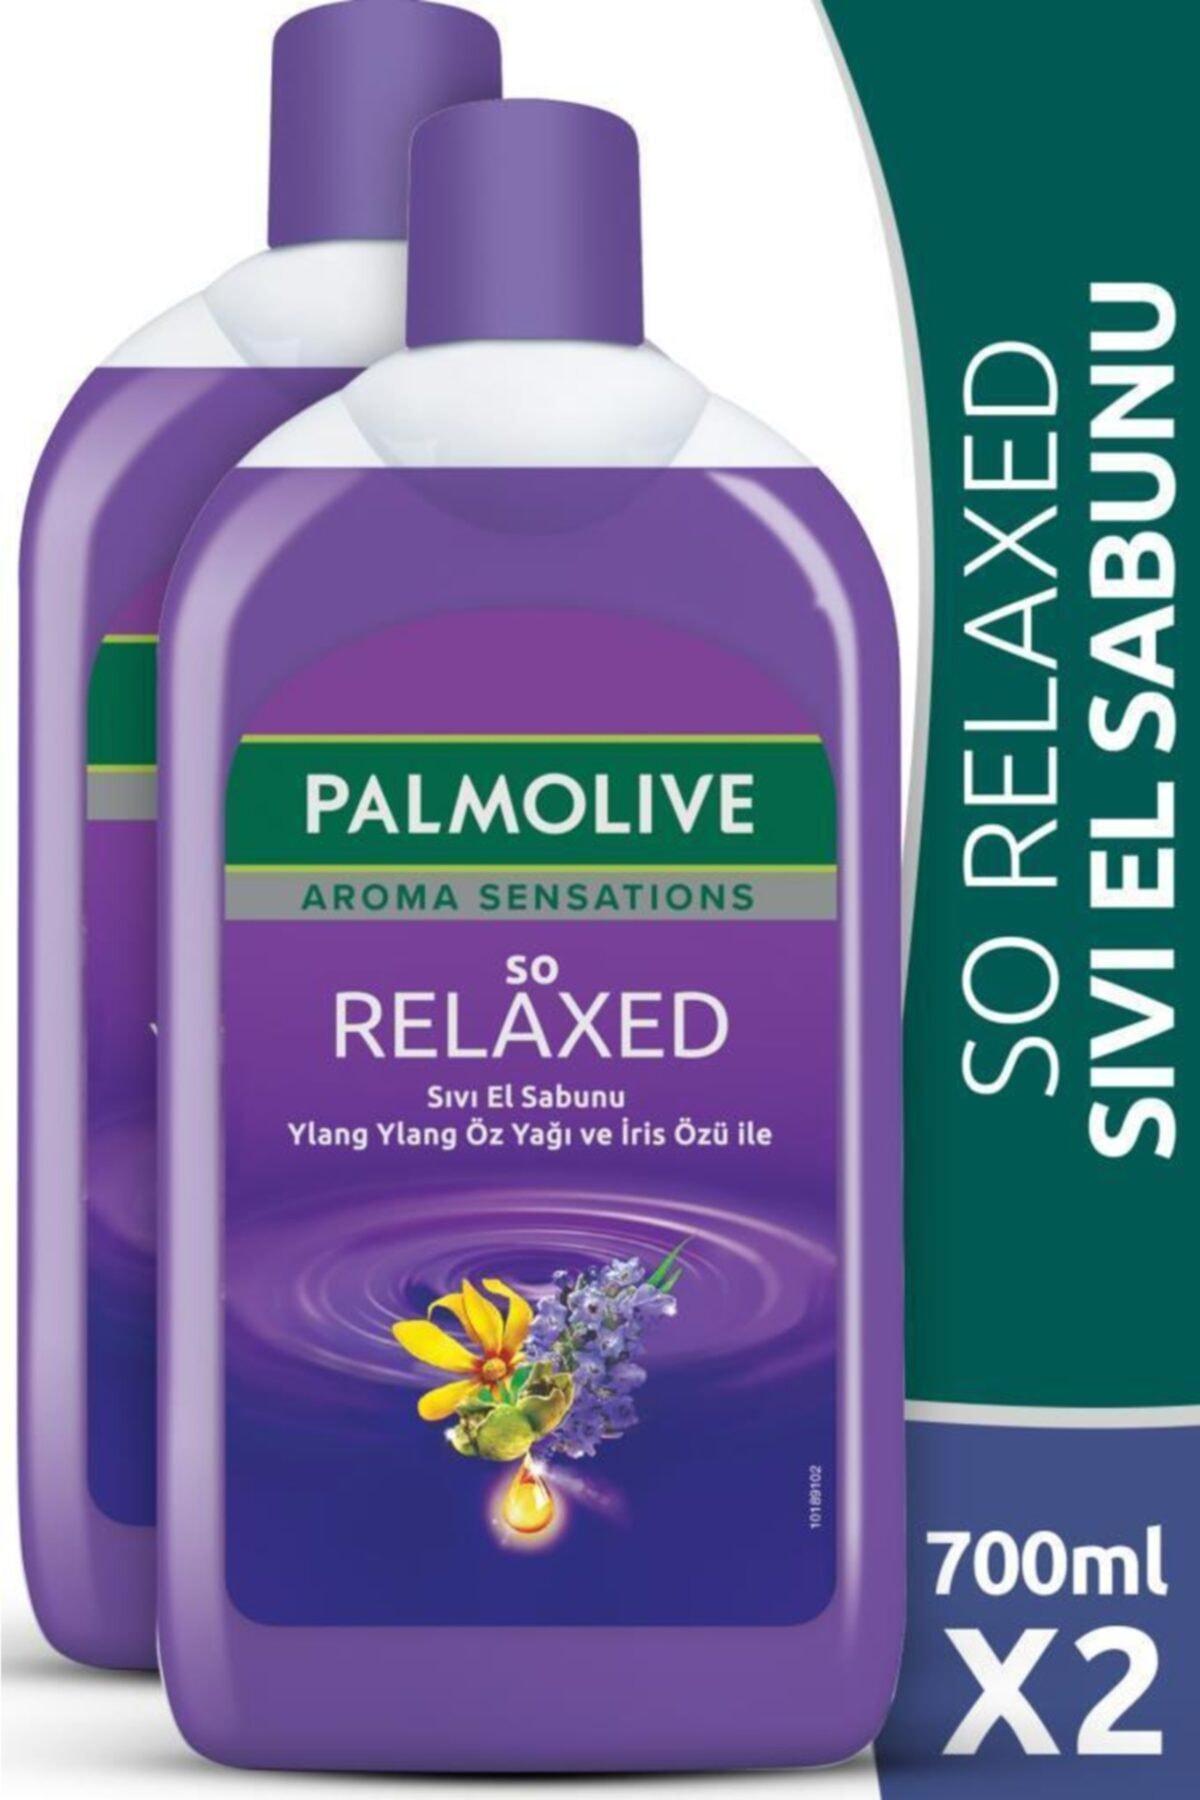 Aroma Sensations So Relaxed Ylang Ylang Öz Yağı Ve Iris Özü Ile Sıvı El Sabunu 2 X 700 ml